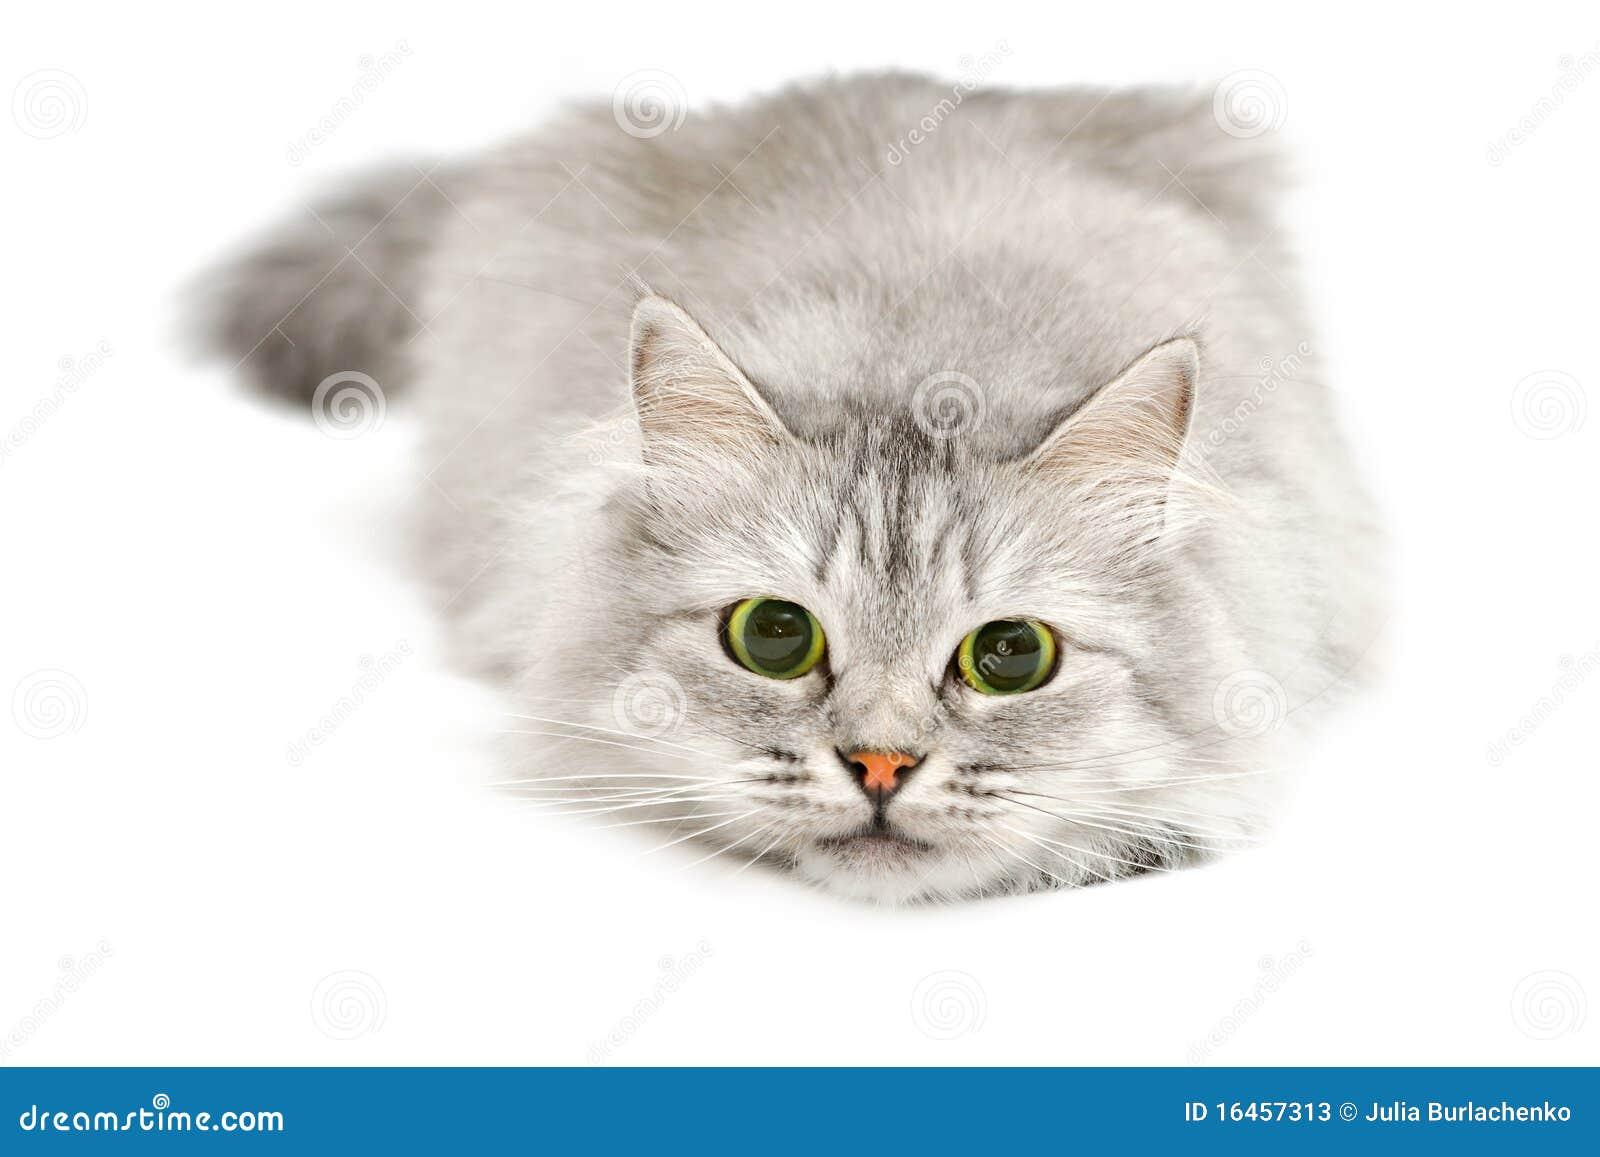 Katze Vor Dem Fernseher Bild: Nette Katze Vor Sprung Stockbild. Bild Von Schönheit